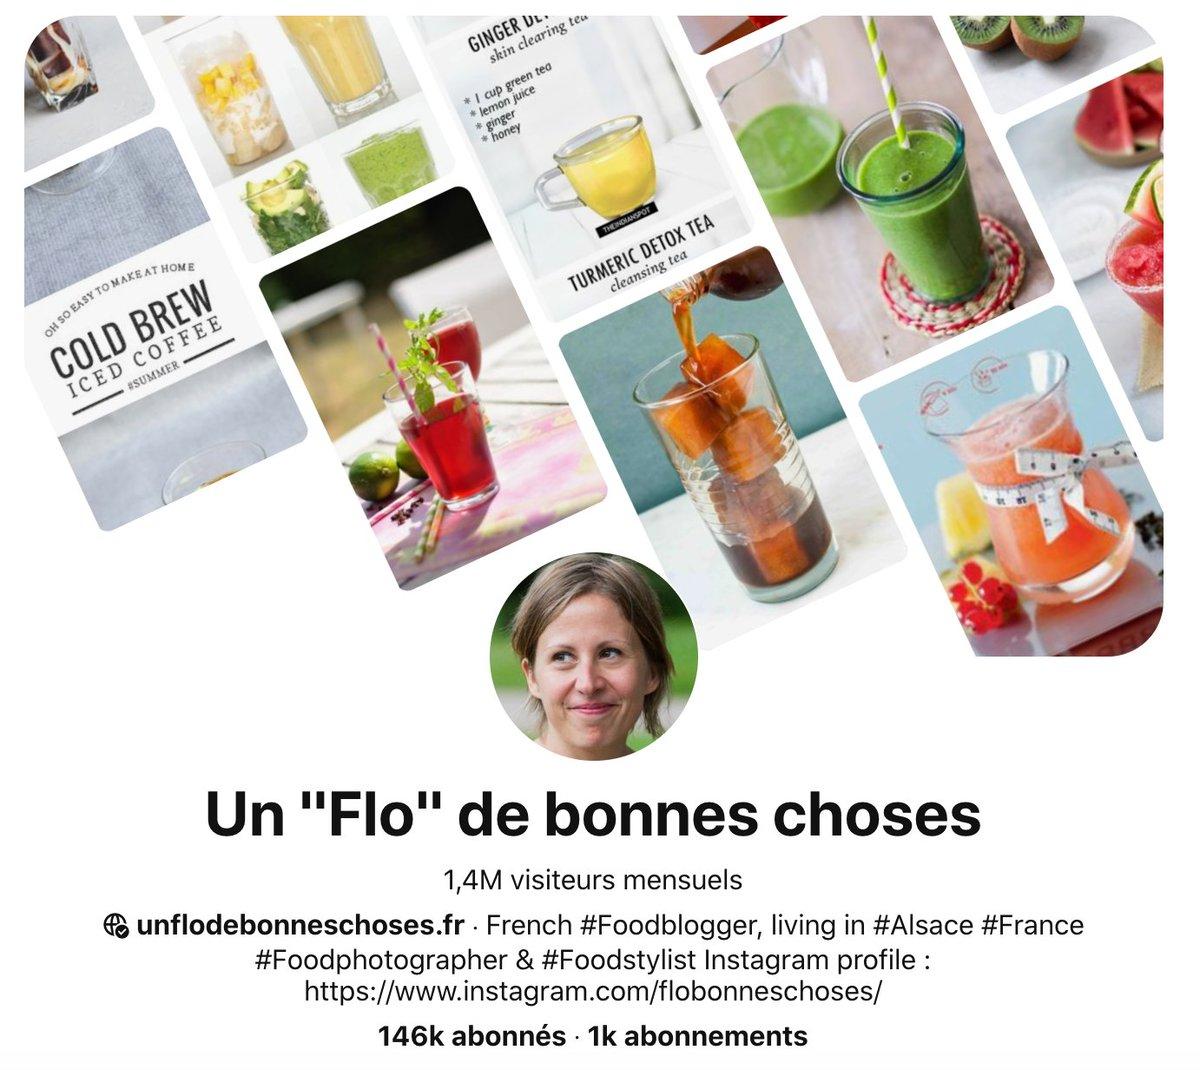 #Pinterest : Les dessous d'une collaboration avec @ClemATC et @flobonneschoses. Quels sont les différents types de partenariats envisageables sur cette plateforme ? #webinaire #influencemarketing #socialmedia #food #deco  https://t.co/pjSJVAOVAI https://t.co/RMWy44Gury